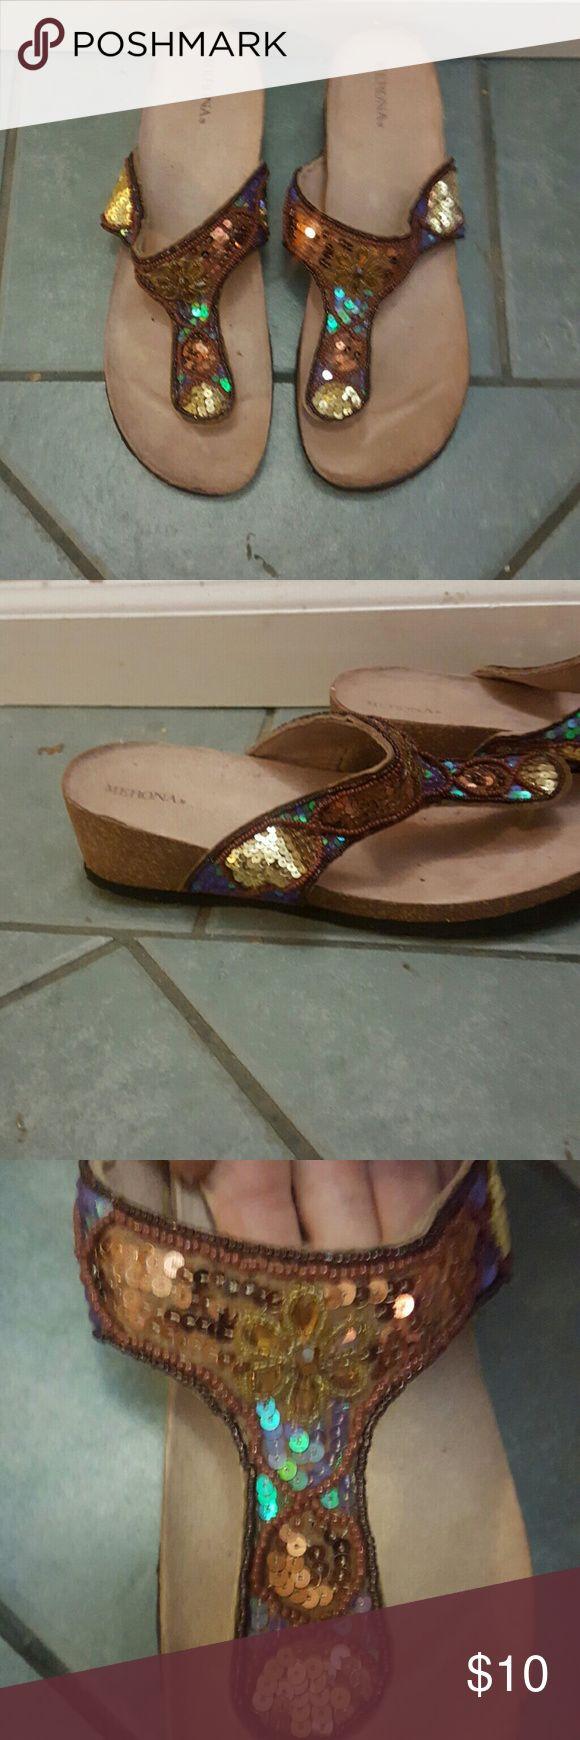 platform flip flops dressy flip flops with sequins and jewel detail, slight platform, cork bottoms, super comfy, slightly worn Shoes Sandals